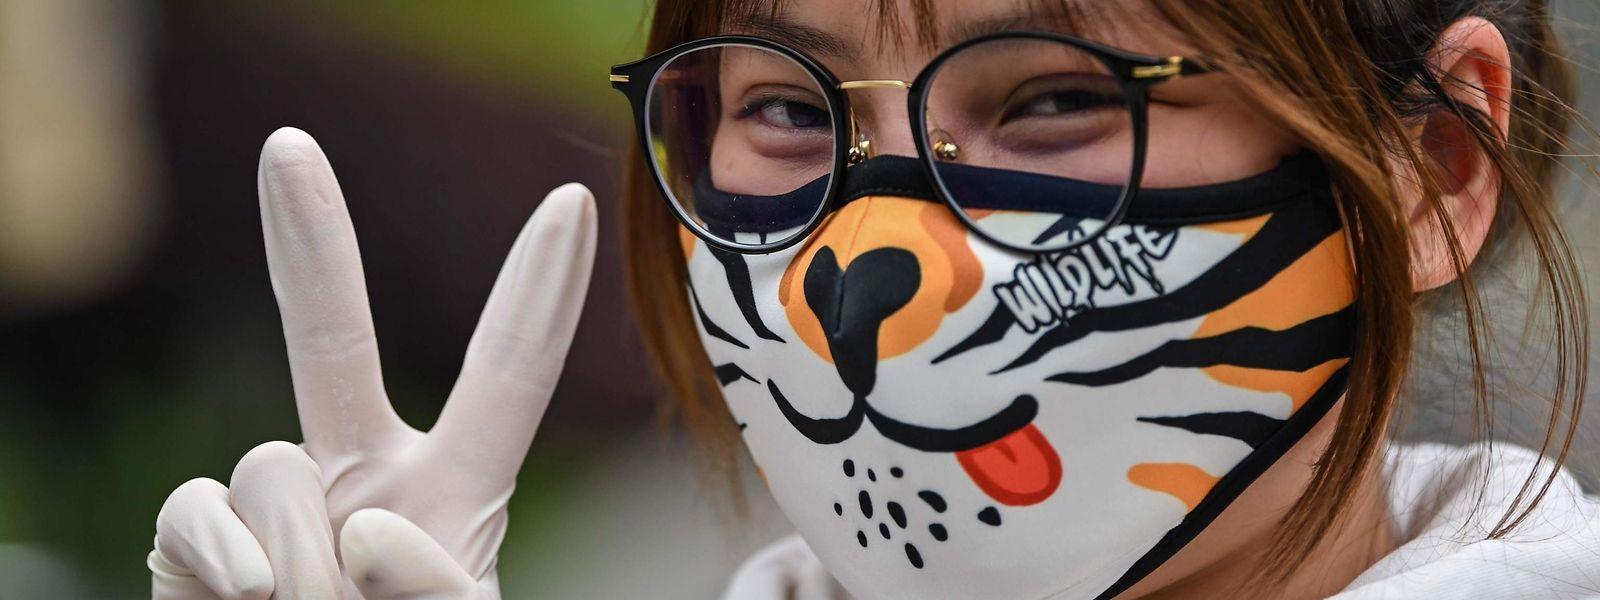 Eine junge Chinesin trägt eine ausgefallene Gesichtsmaske.